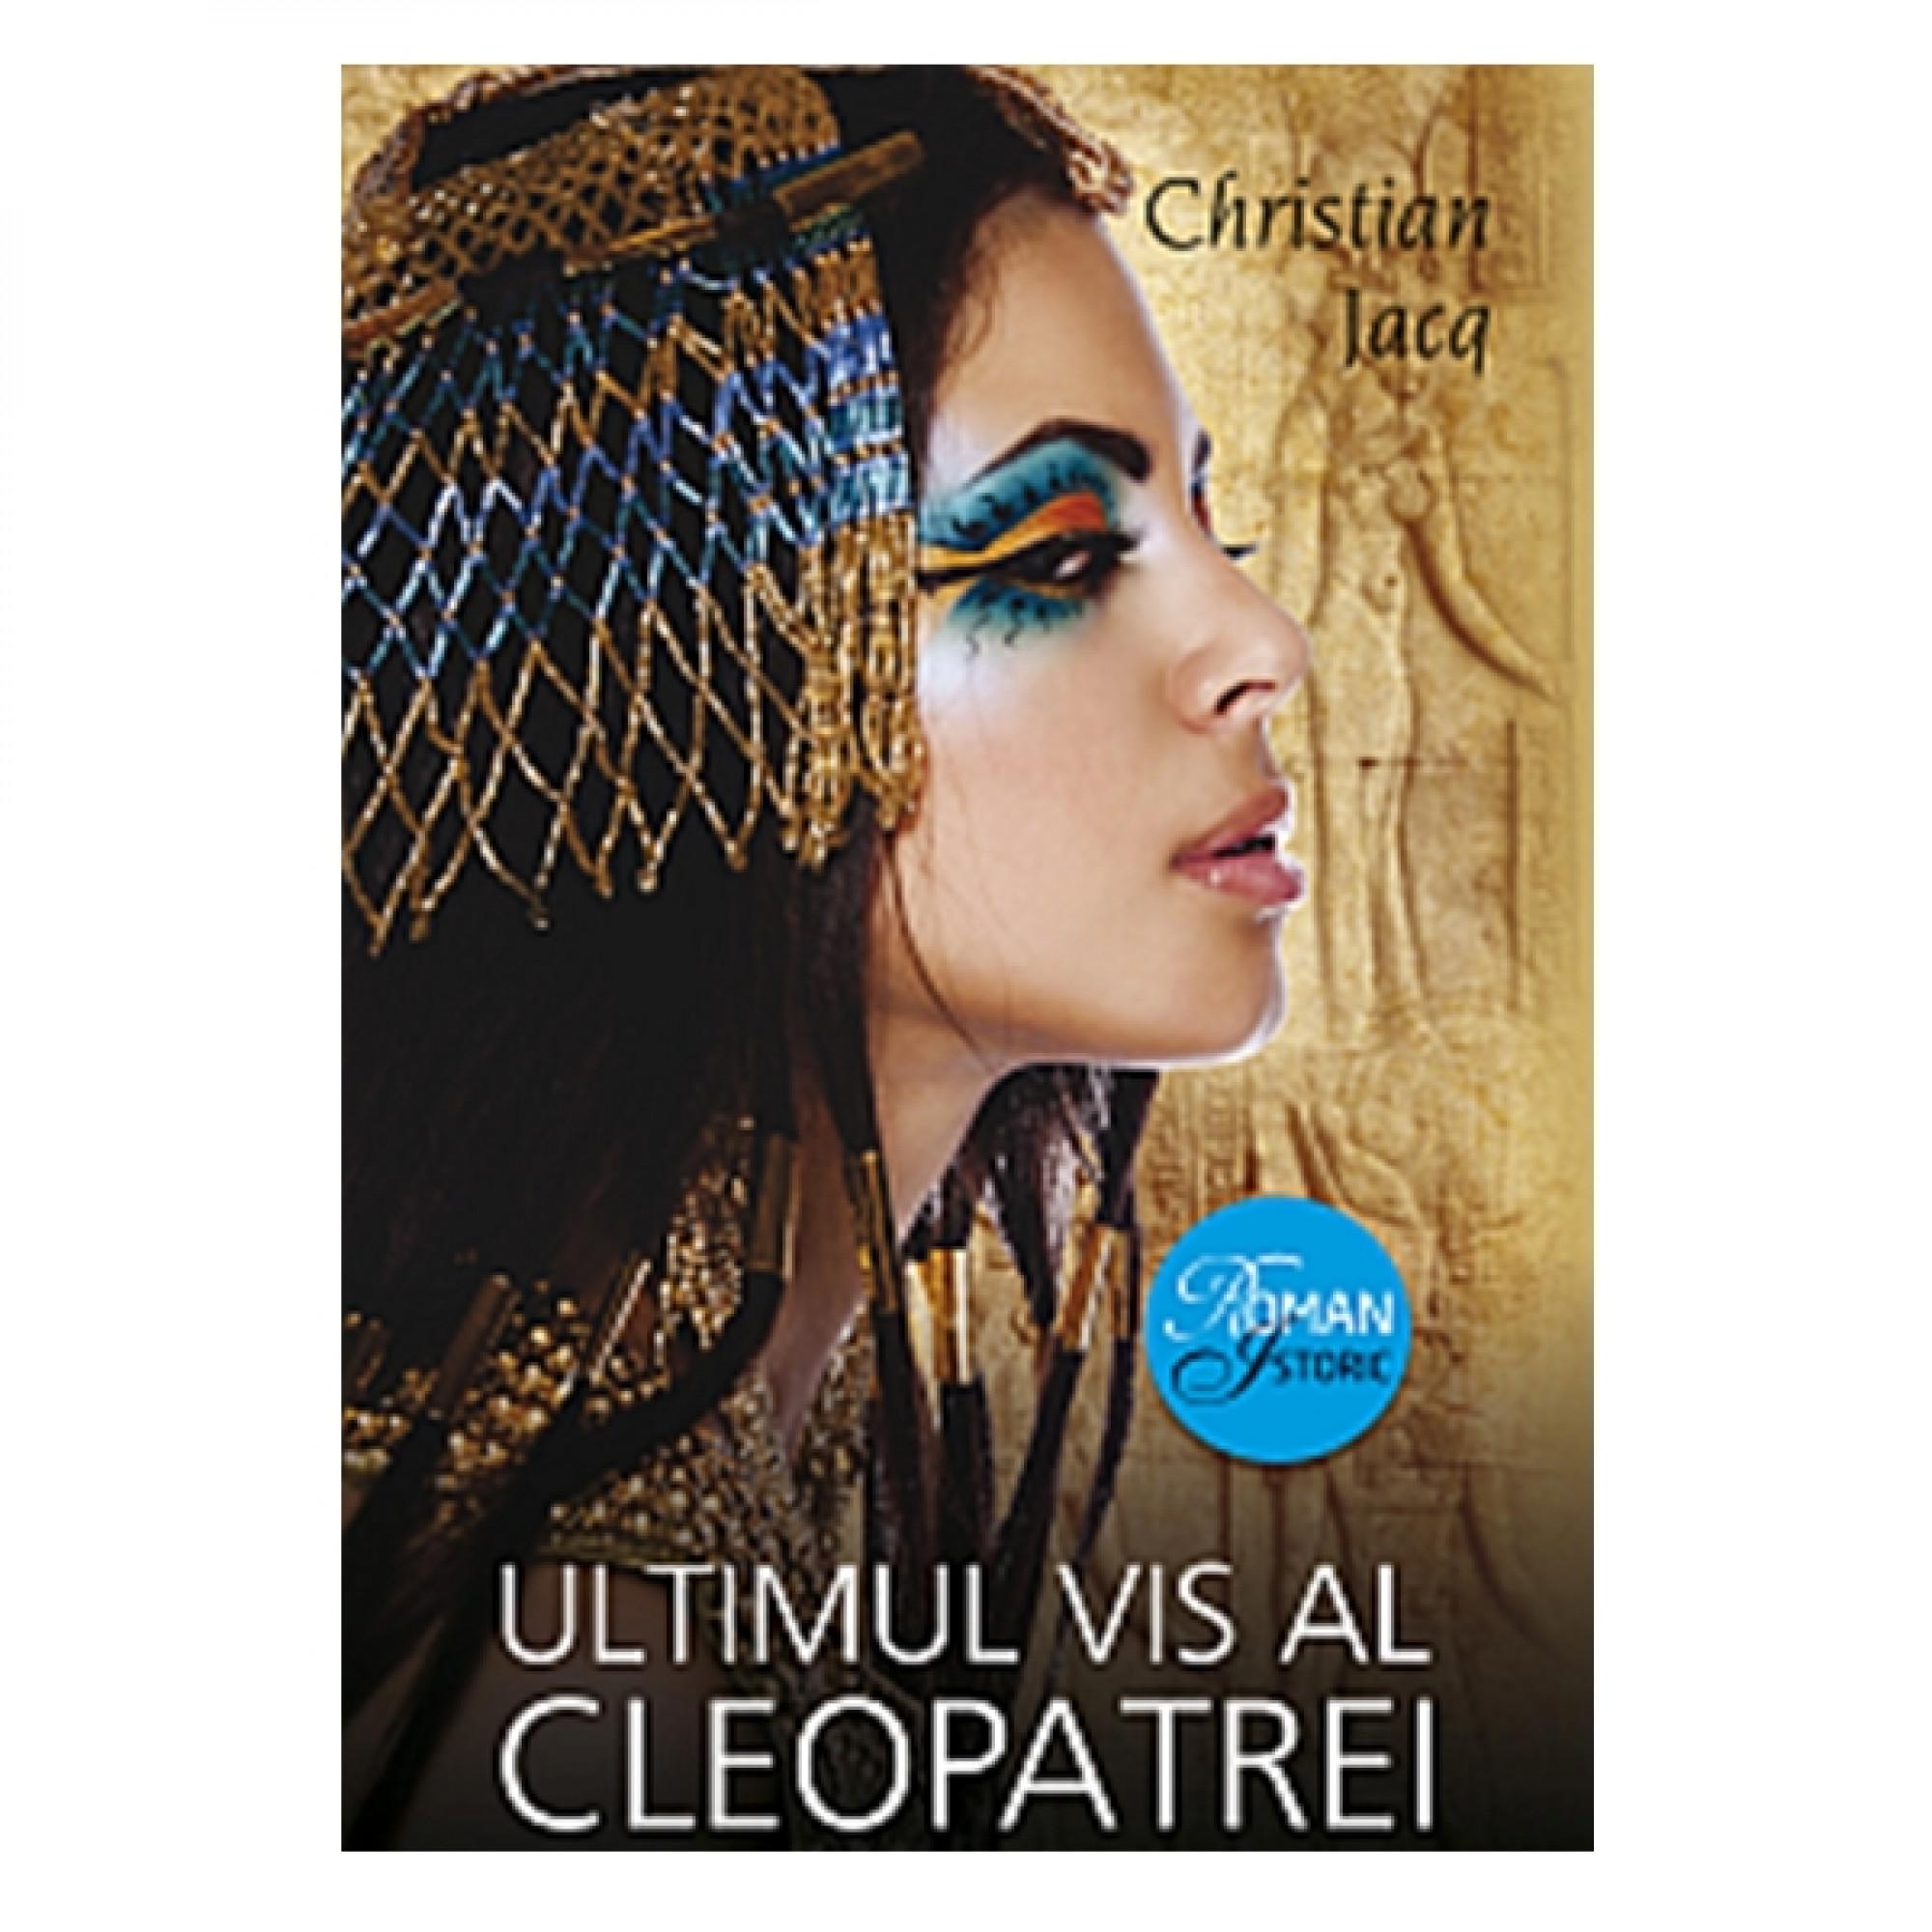 Ultimul vis al Cleopatrei; Christian Jacq